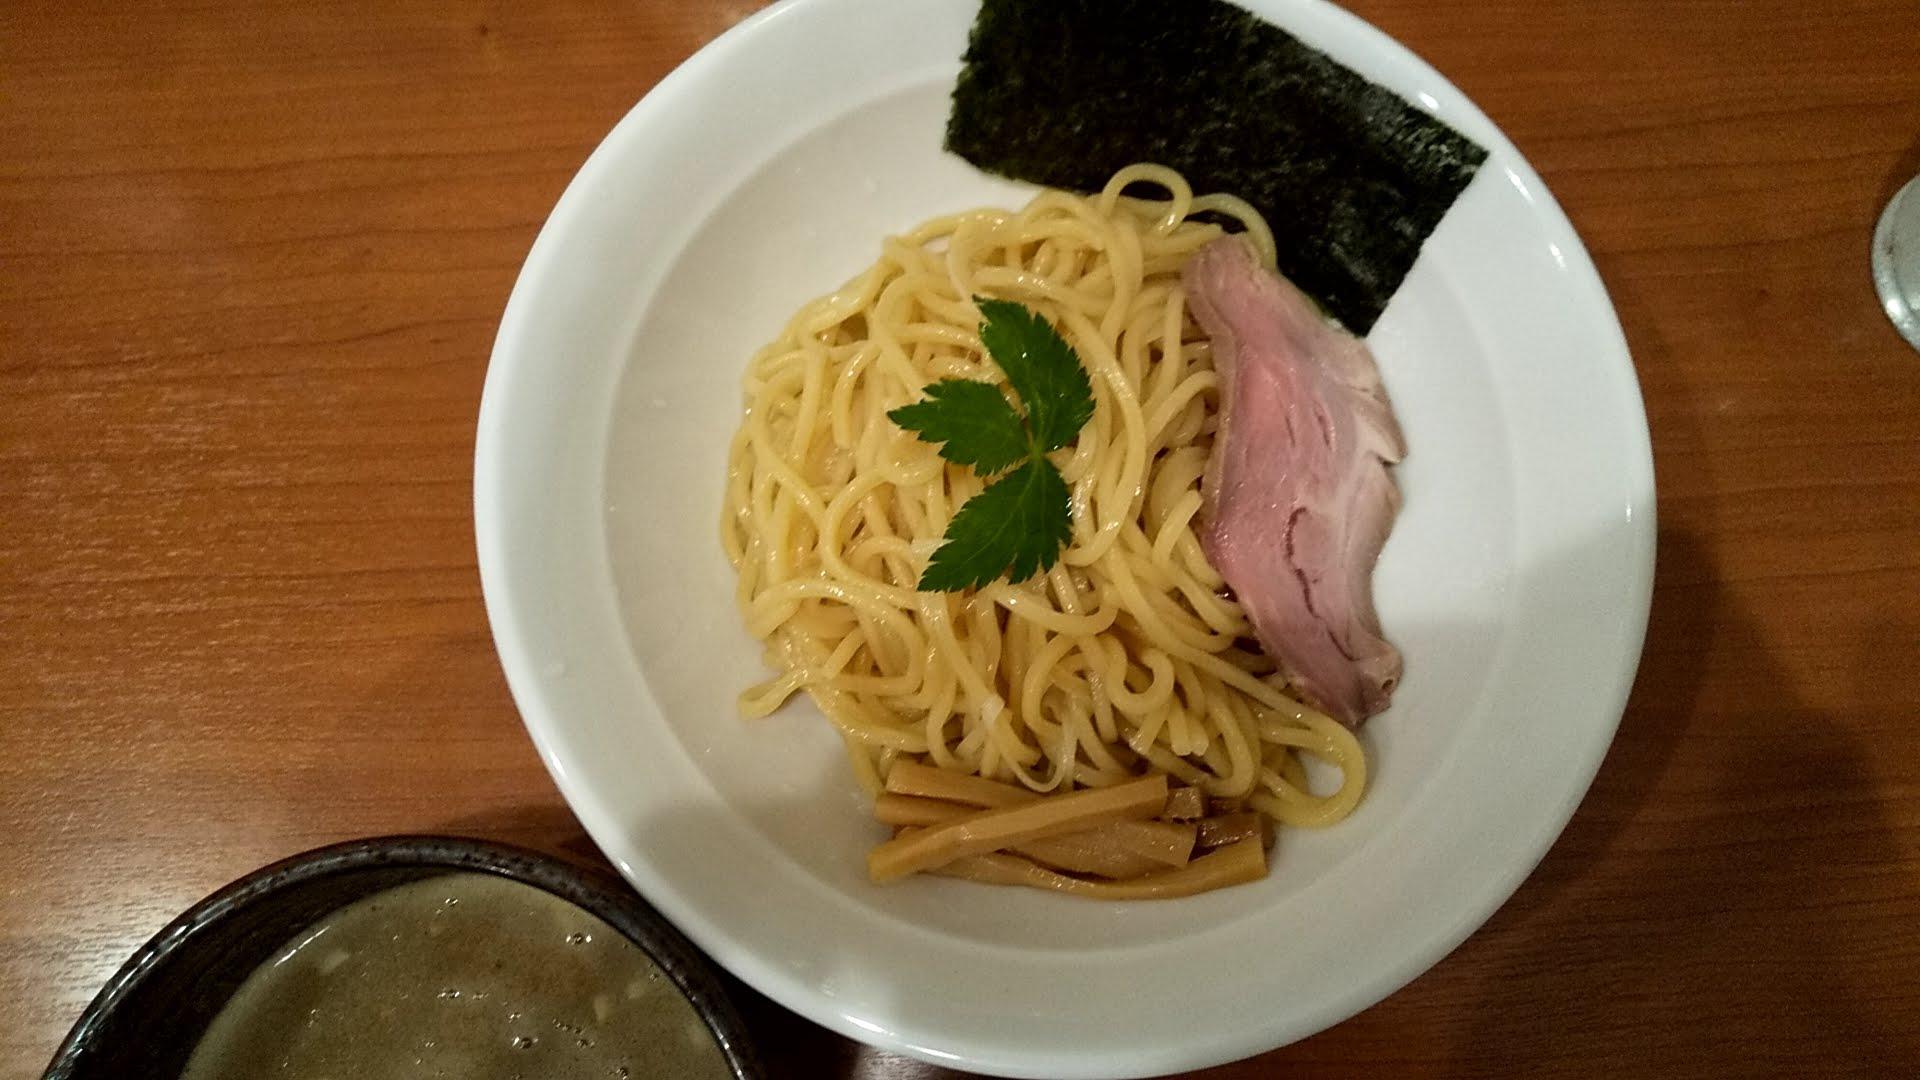 七麺鳥の濃厚豚骨魚介つけ麺の麺皿